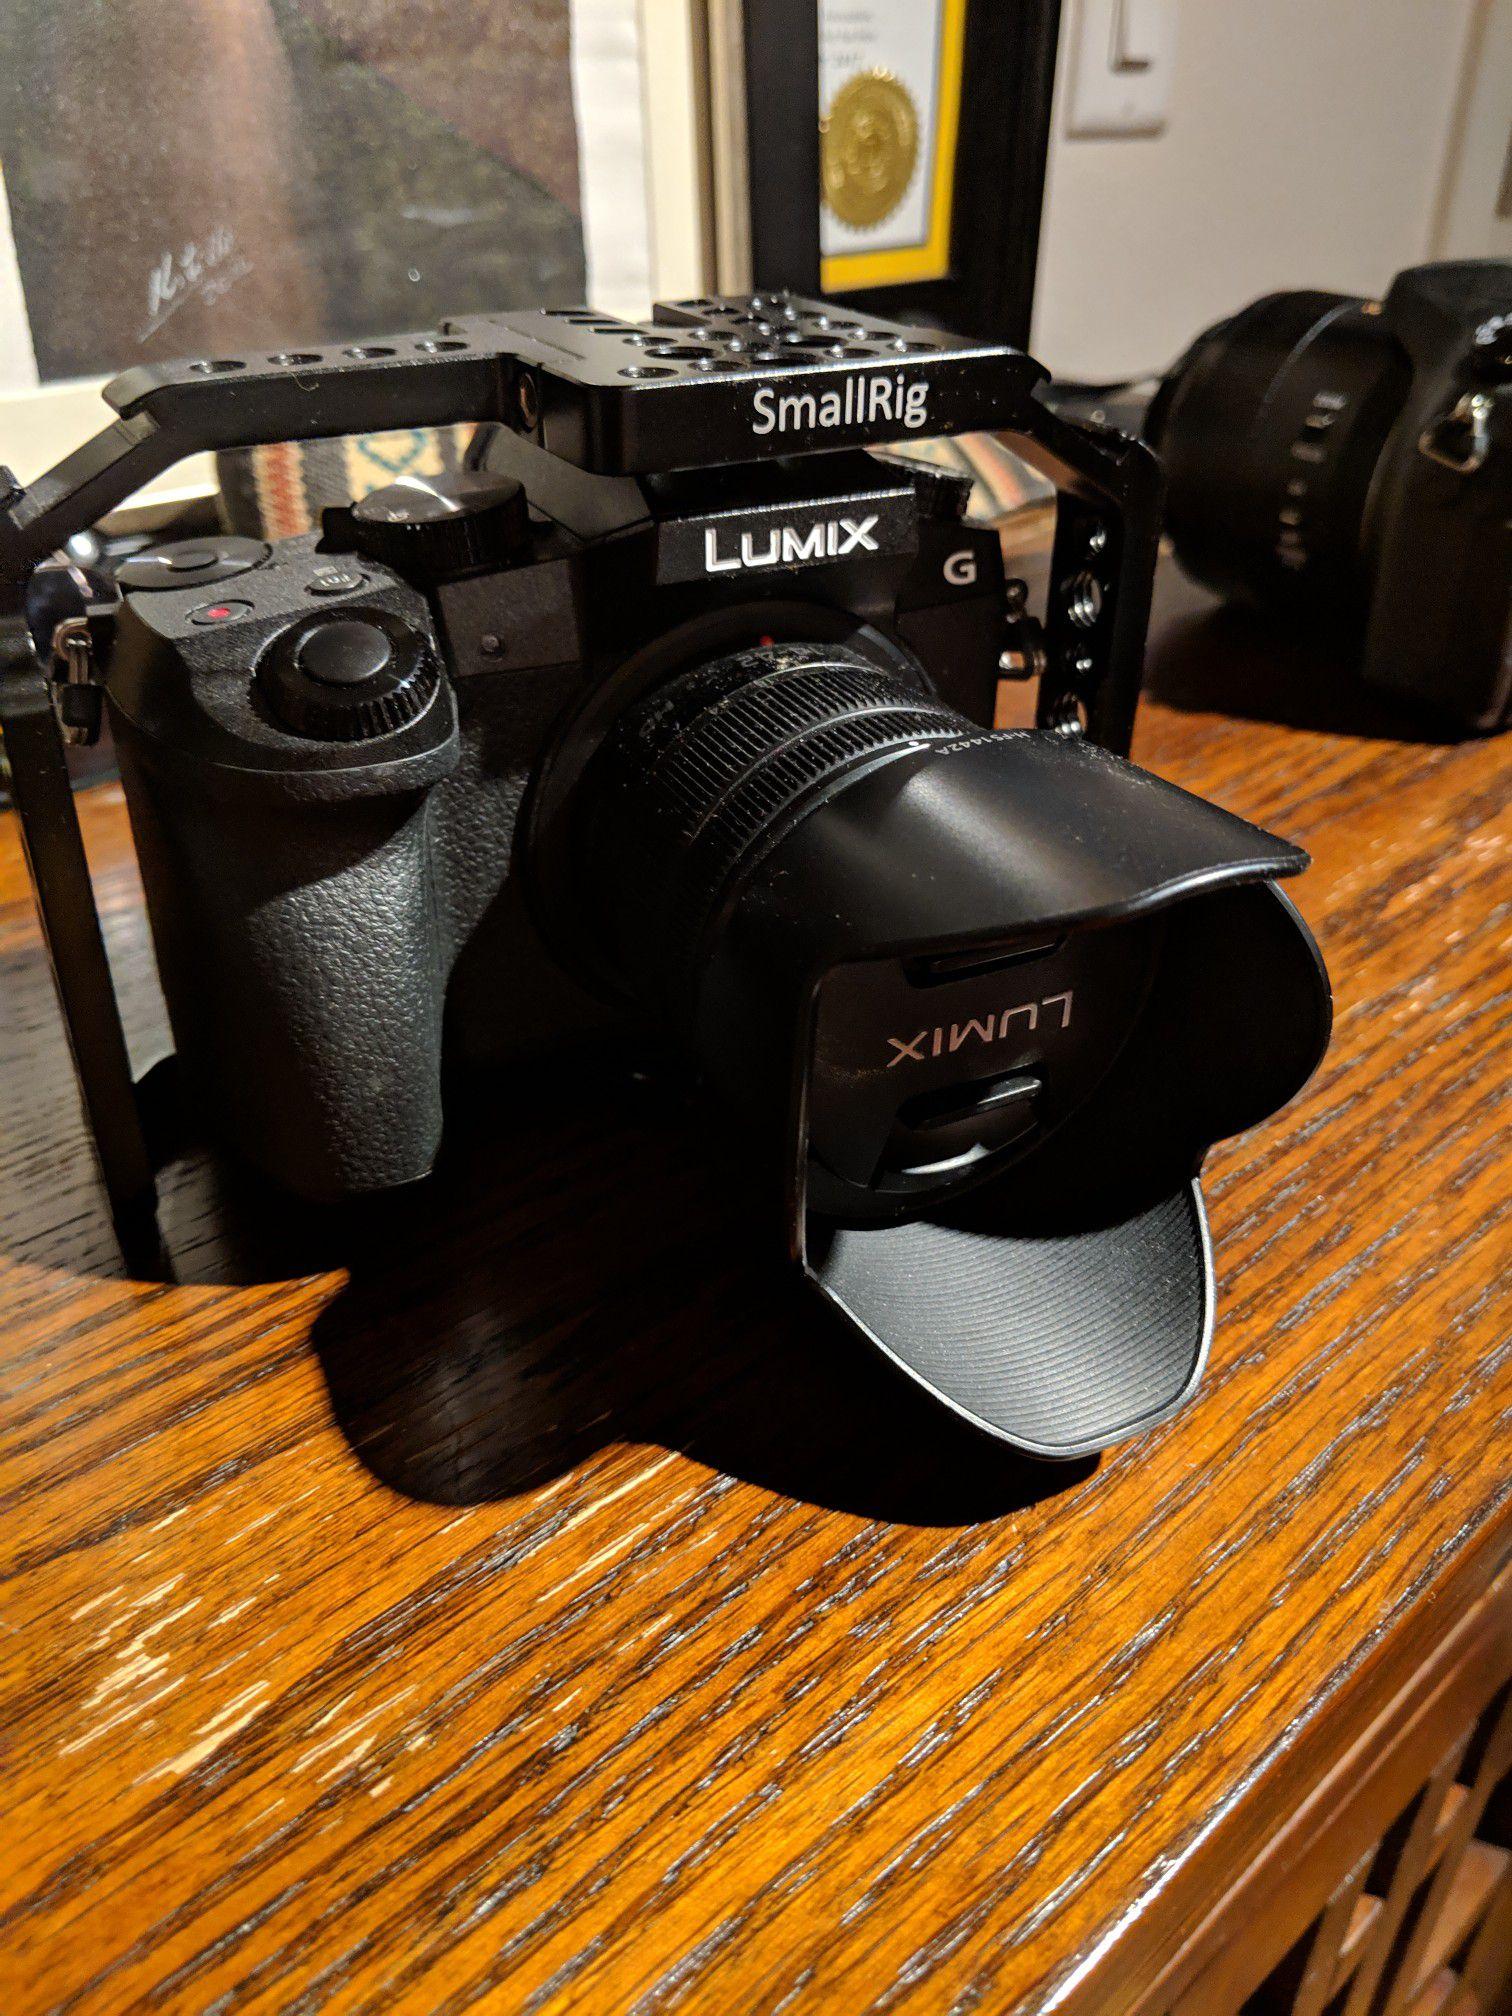 4K DSLR Lumix G7